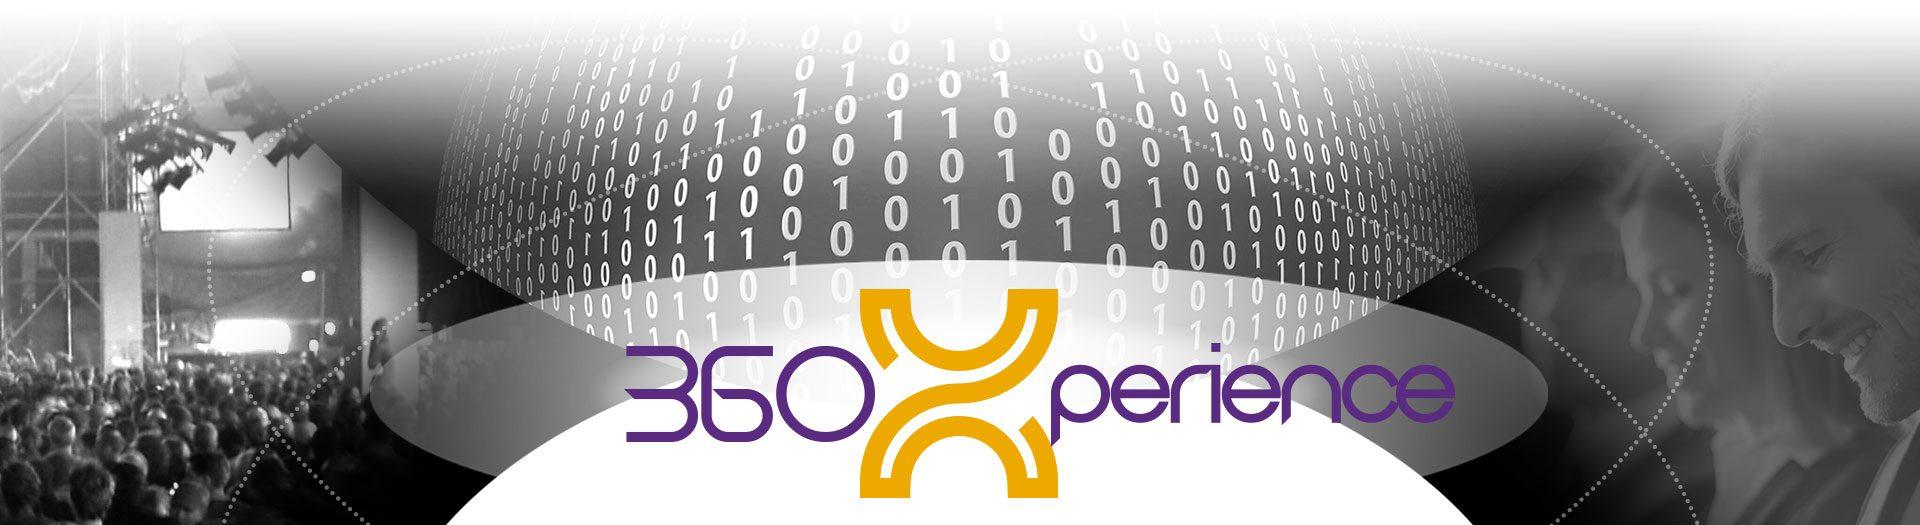 quienes somos 360xperience